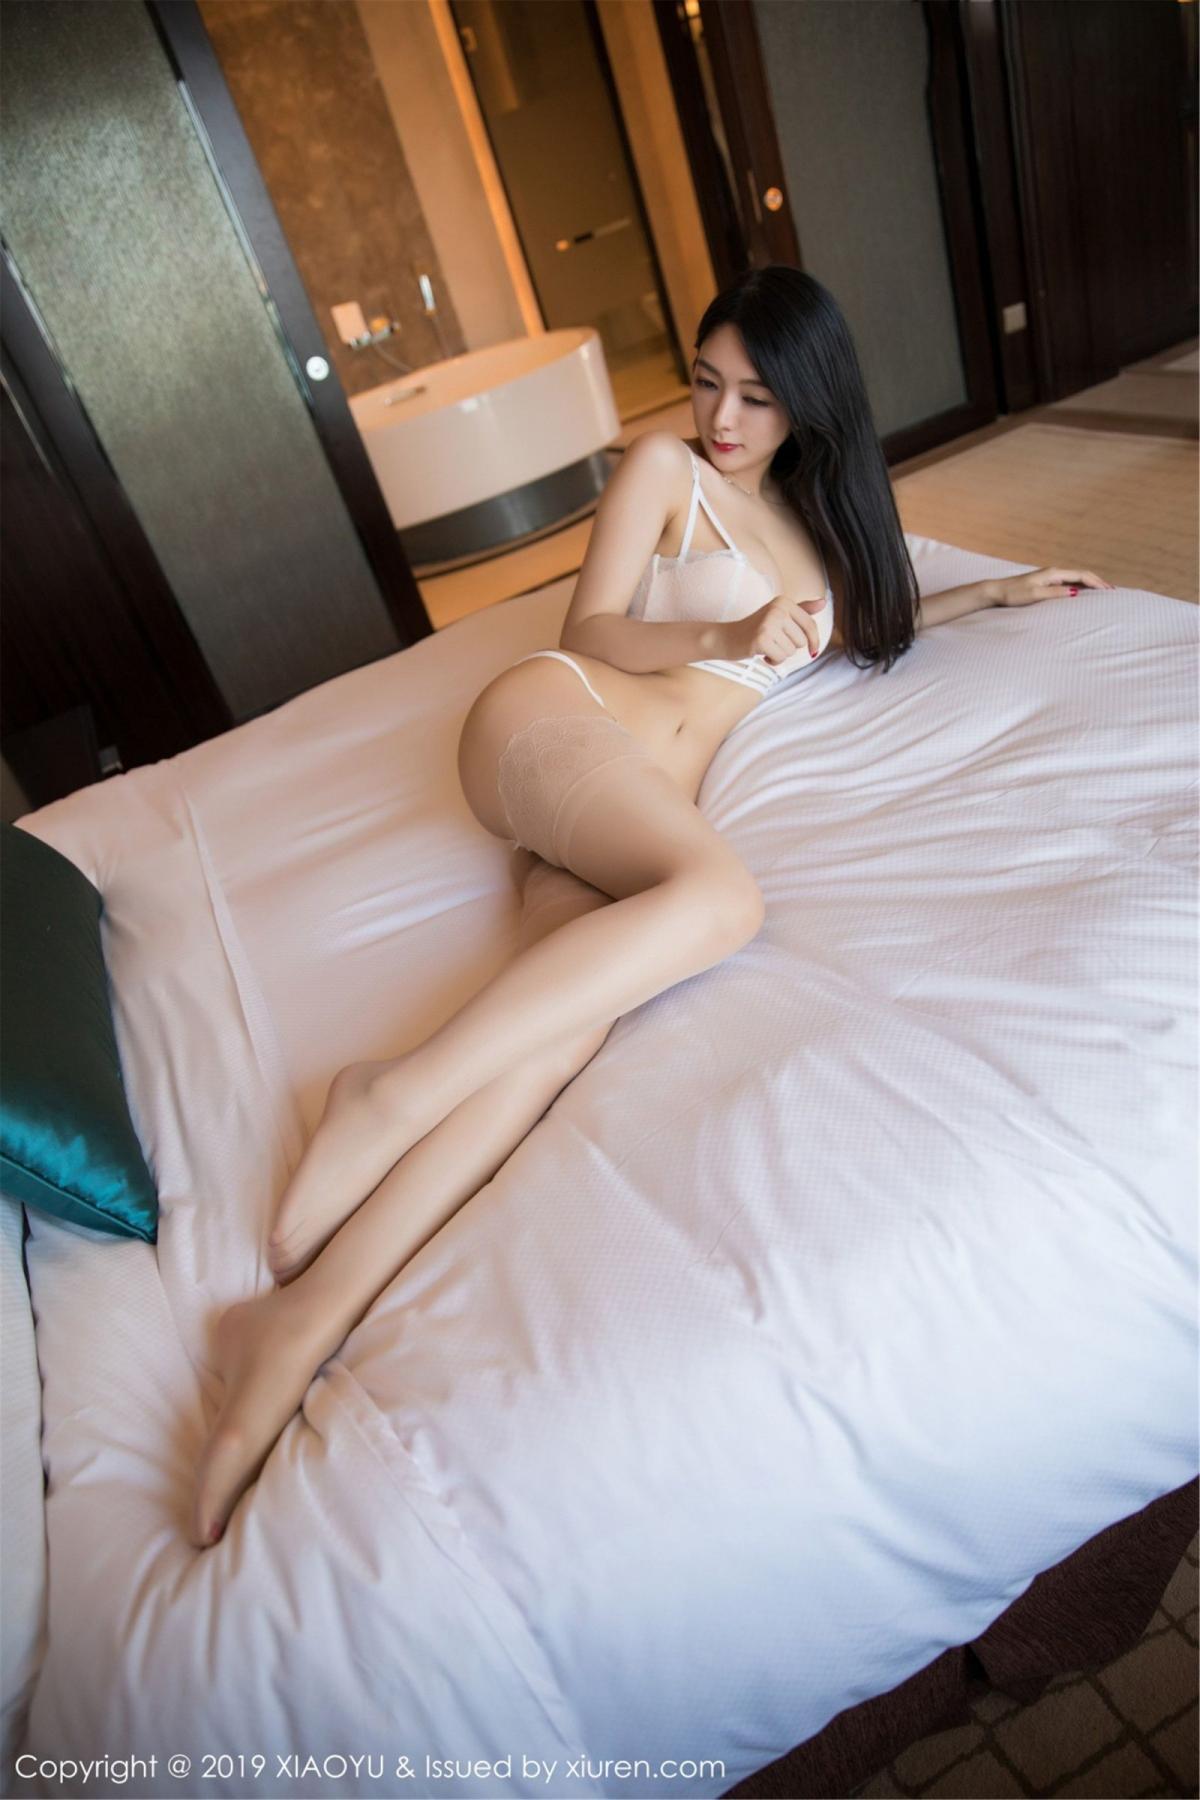 [XiaoYu] Vol.052 desertrmb 31P, Di Yi, Foot, Underwear, XiaoYu